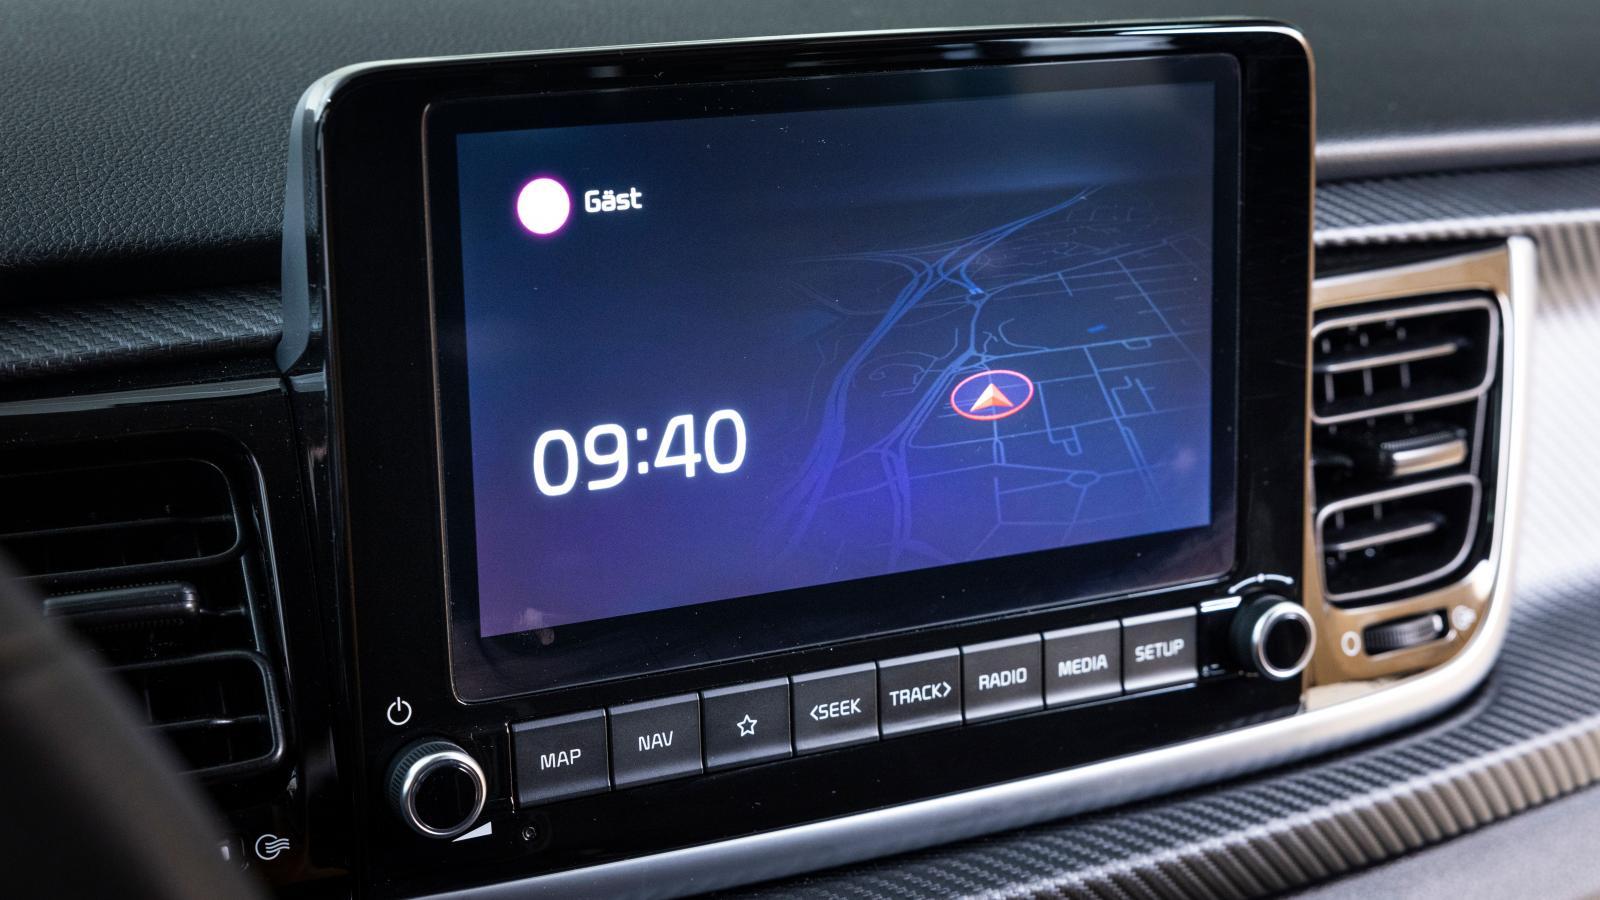 Kia: Identiskt mediasystem med i20, men mindre skärmyta. De fysiska knapparna och klassisk ratt för radiofrekvens uppskattas. Likt Hyundai kan skärmen släckas men blir inte helt svart som i Fiesta.